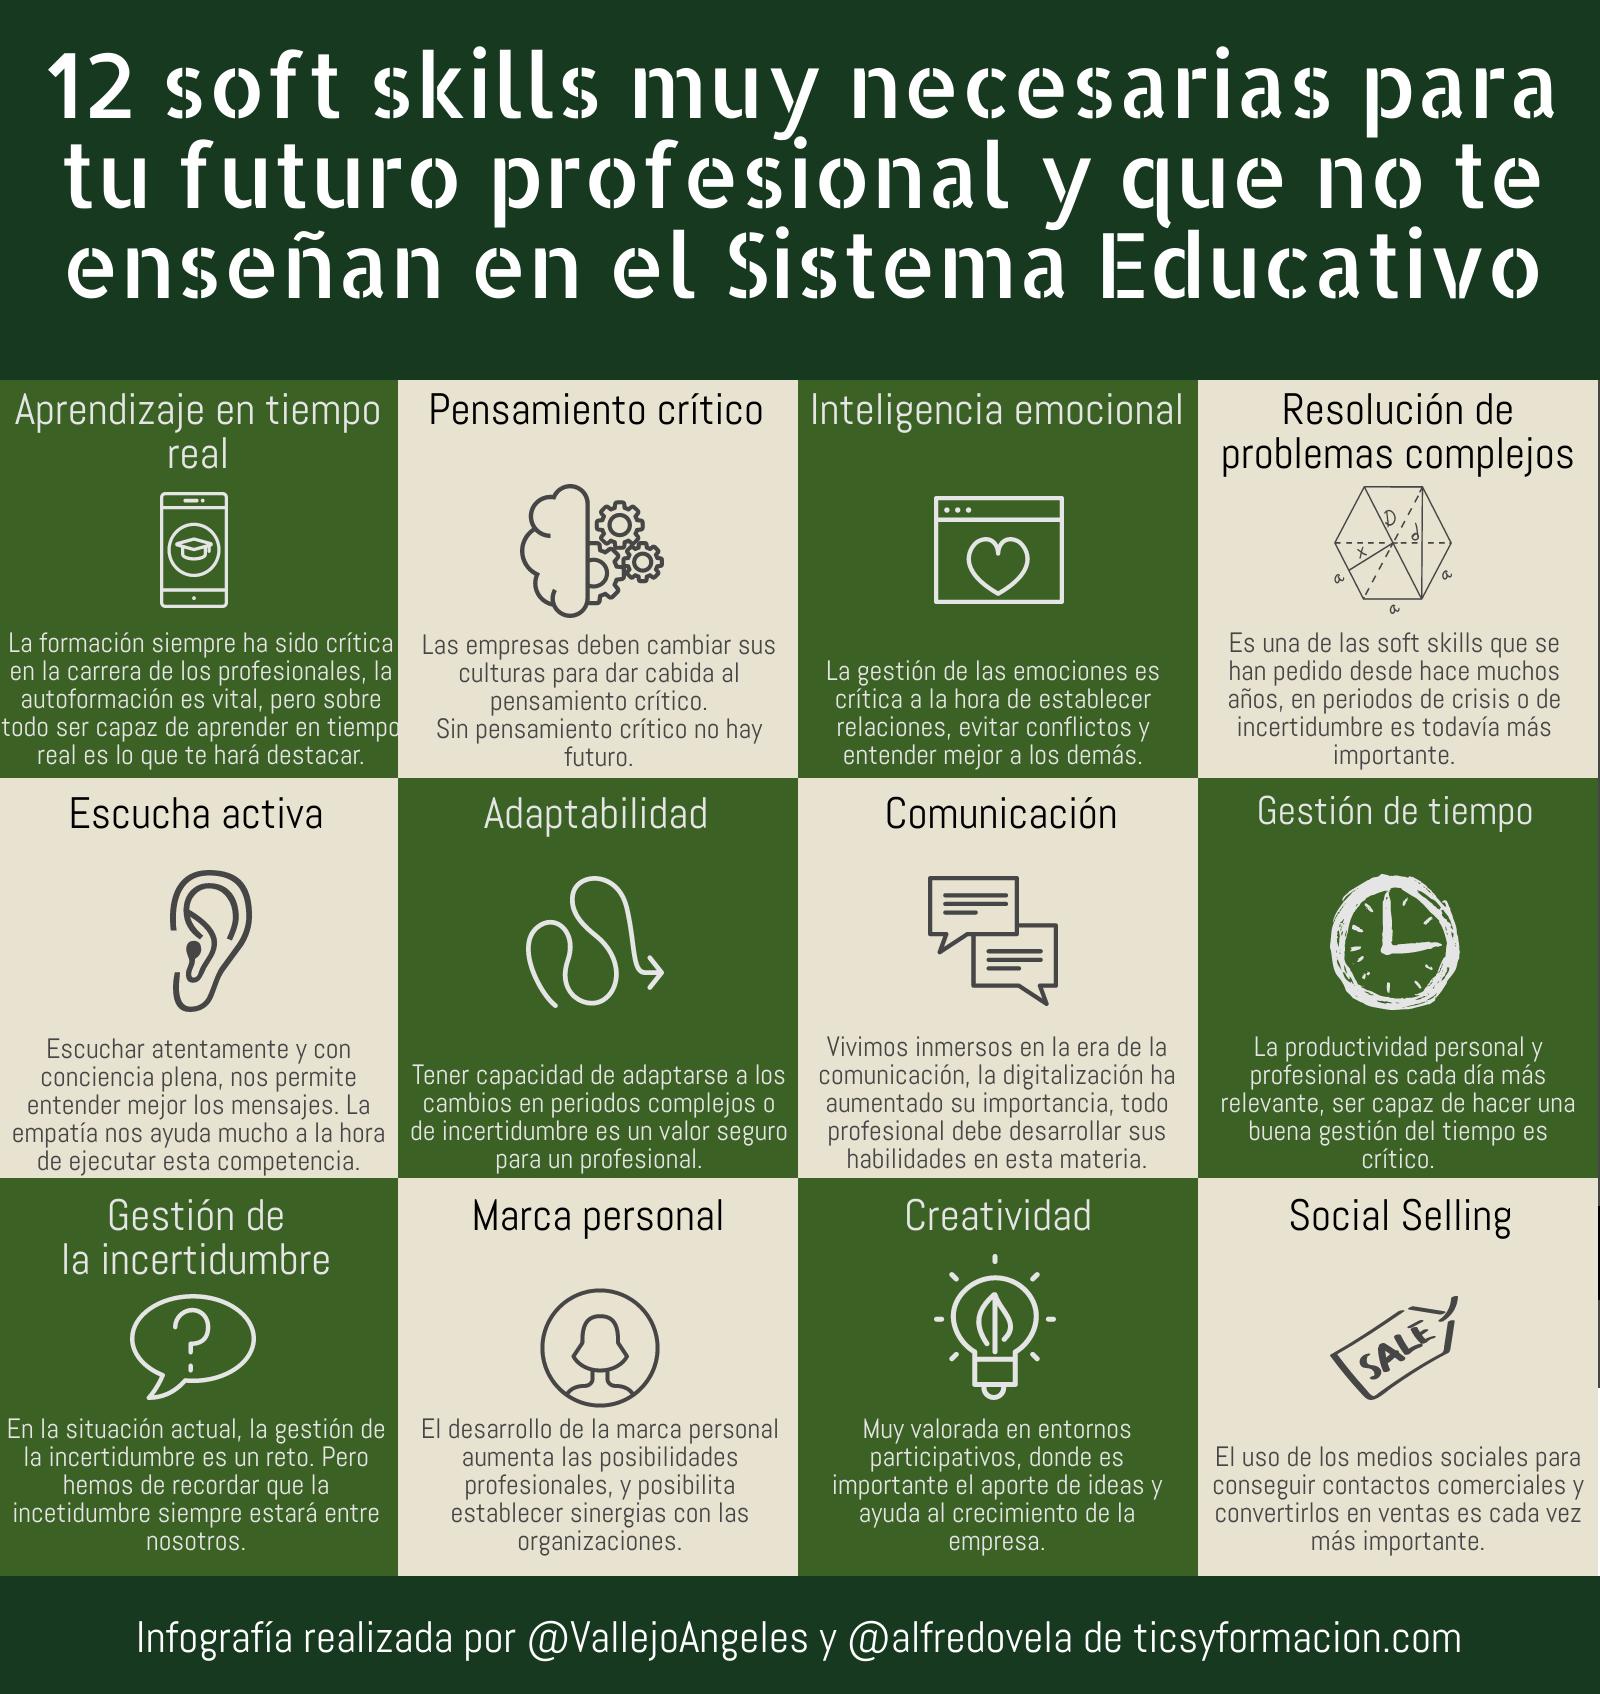 12 soft skills muy necesarias para tu futuro profesional y que no te enseñan en el SistemaEducativo